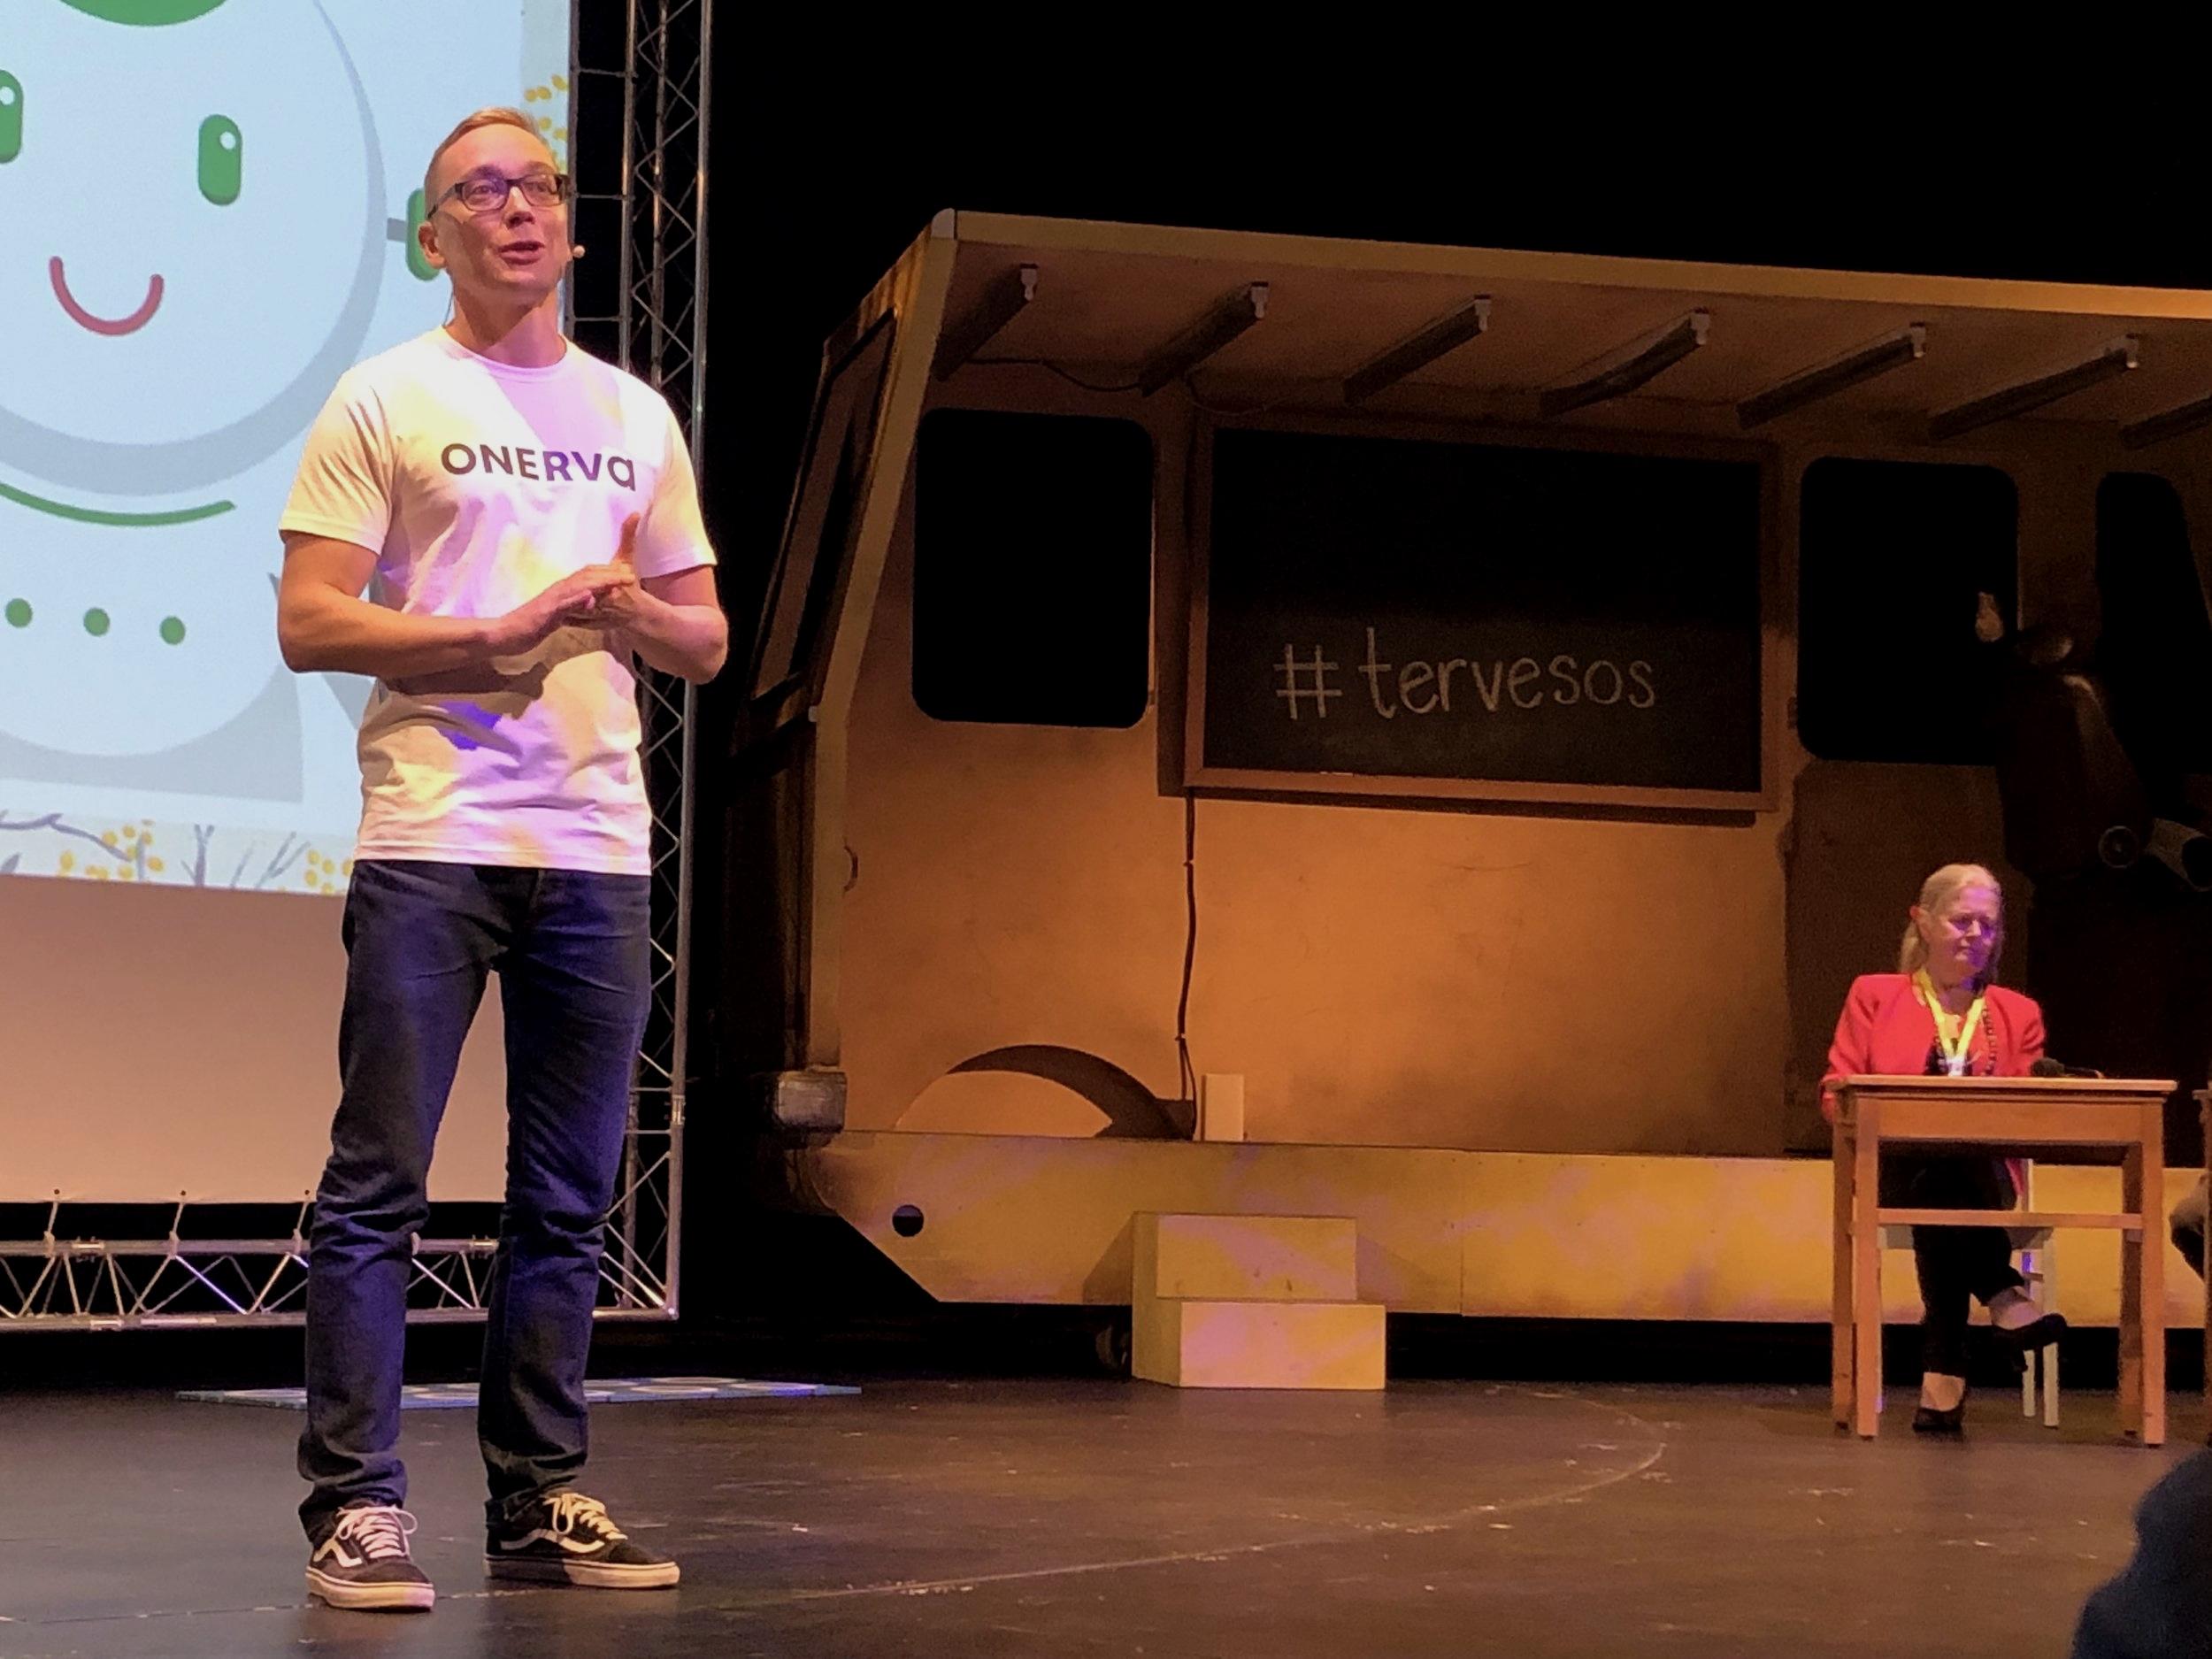 Hyvinvointiteknologian tuotteet esillä TERVE-SOS -tapahtumassa Oulussa. Kuvassa Onervabotin esitystä kuuntelee TERVE-SOS-tapahtuman äiti Vappu Taipale.